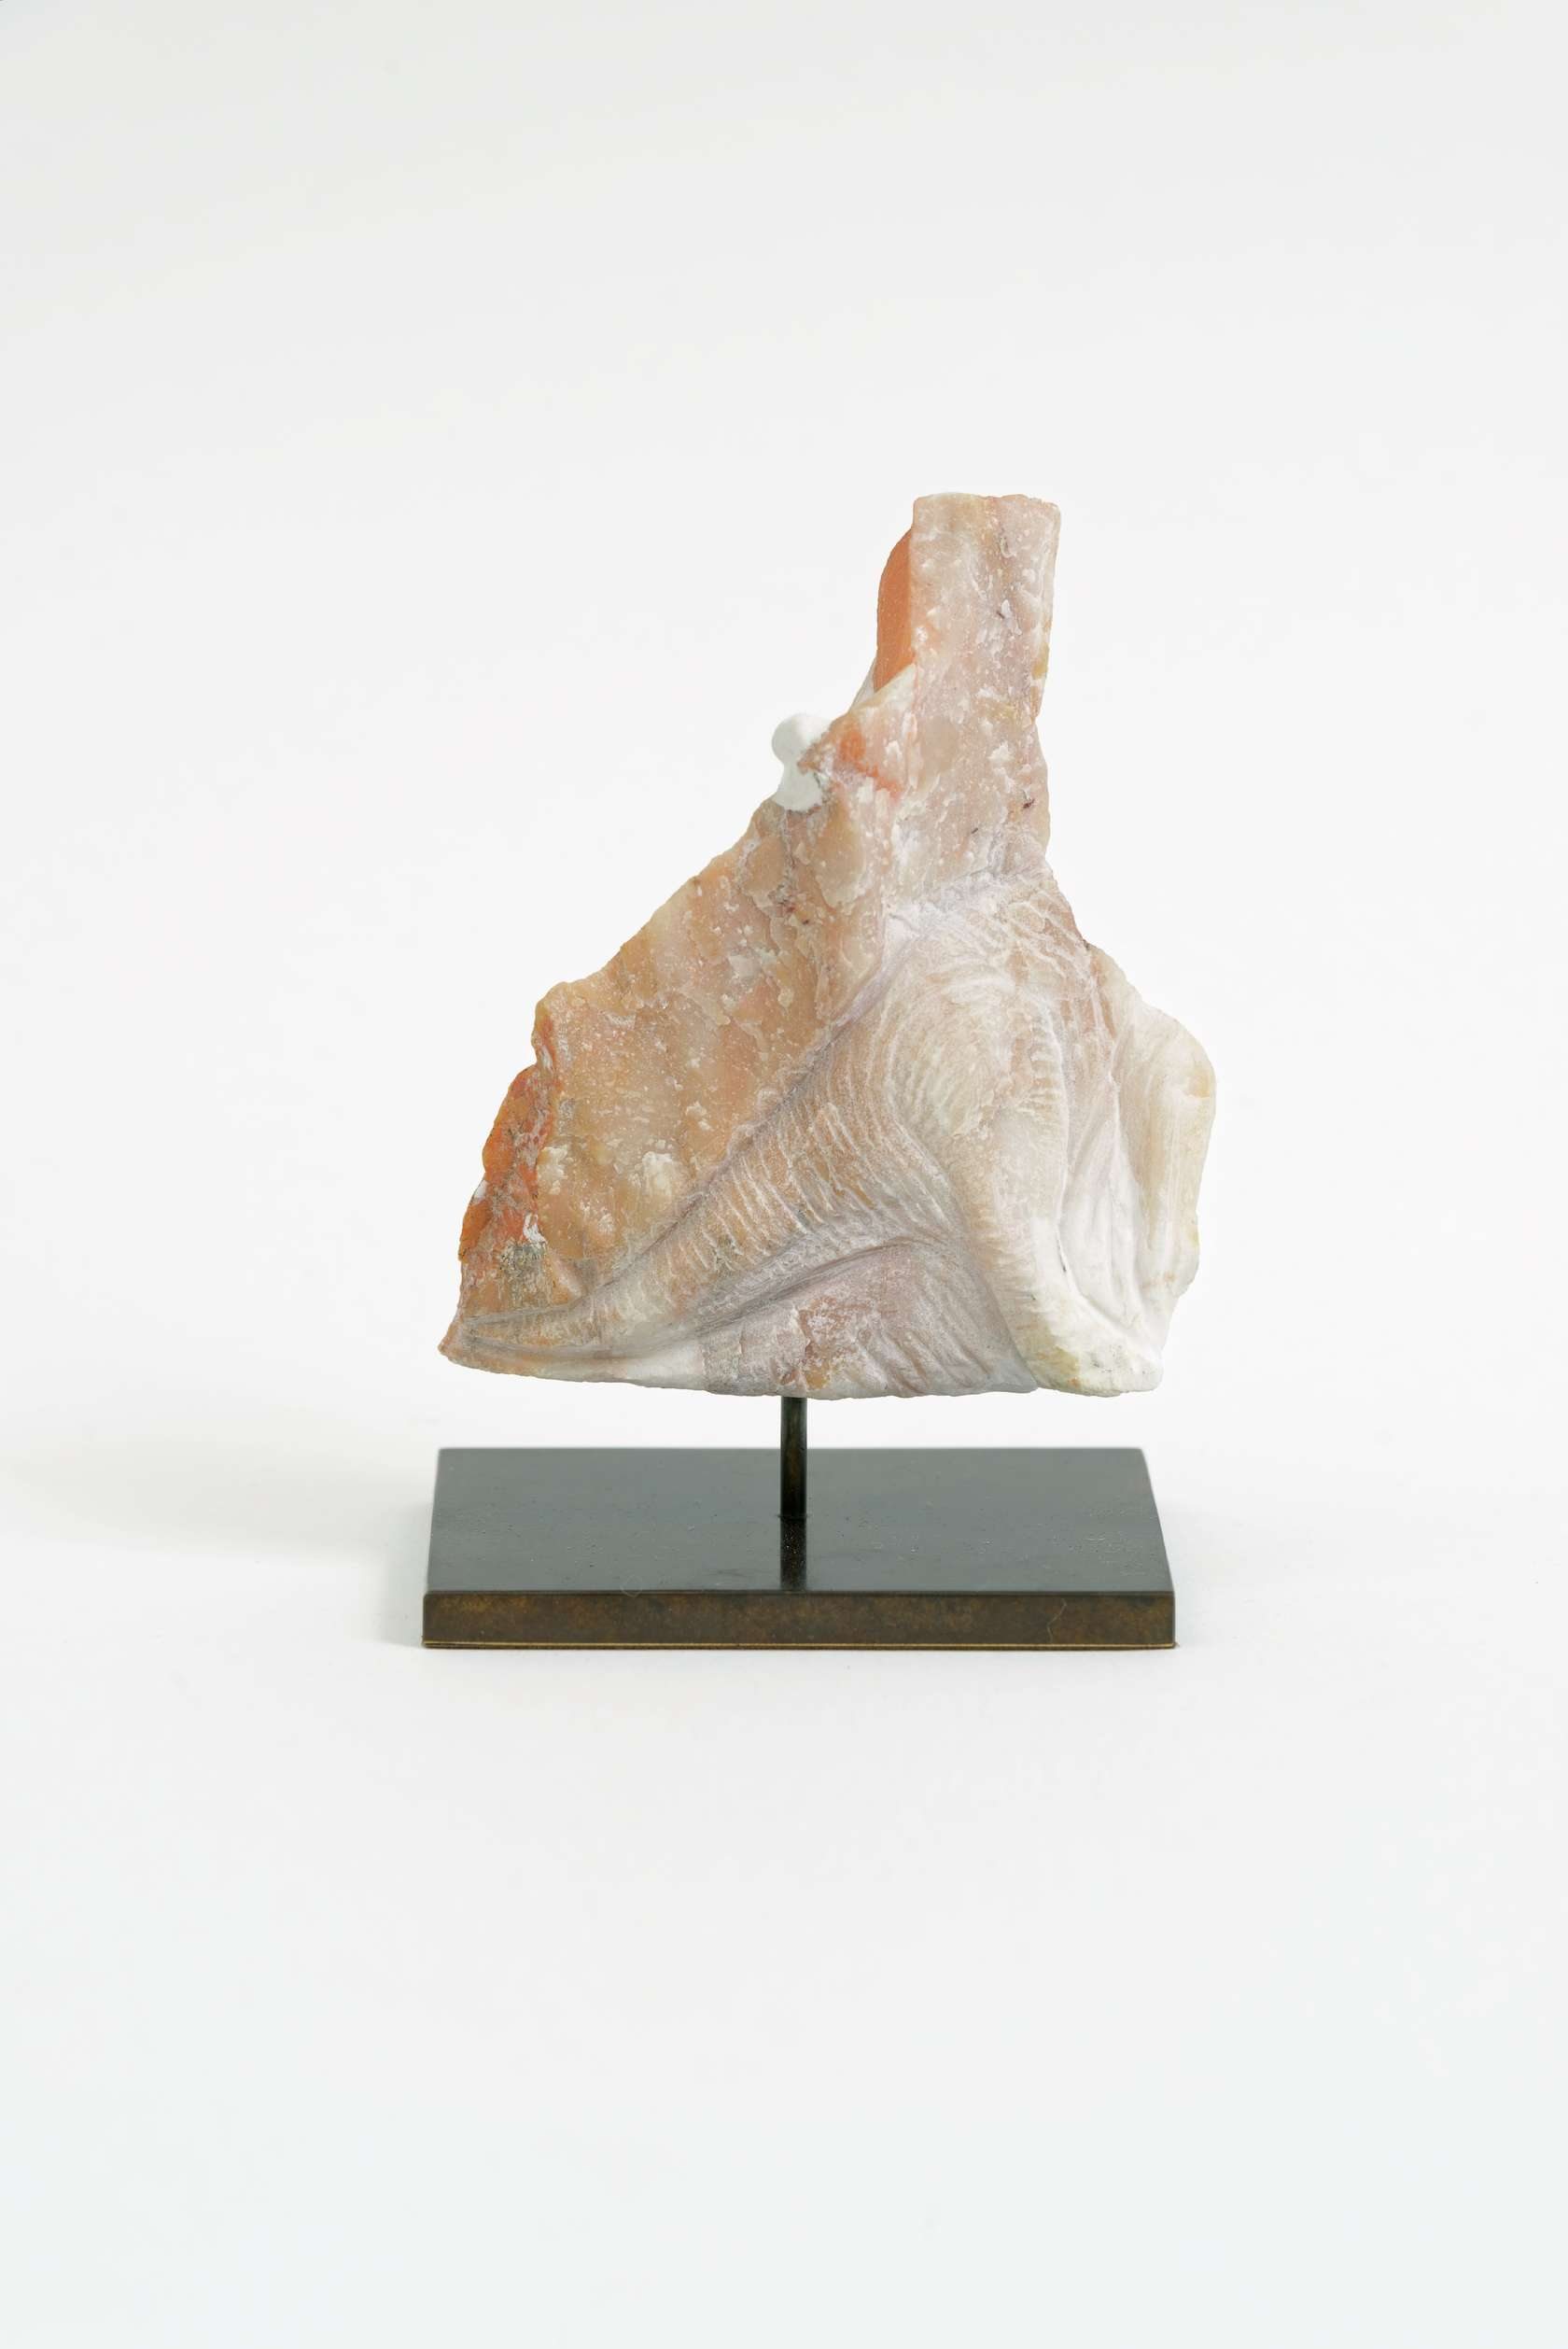 Laurent Le Deunff, Pachycephalosaurus, 2015 Taille directe sur grès rose8.1 × 10.1 × 4.8 cm / 3 2/8 × 4  × 1 7/8 in.